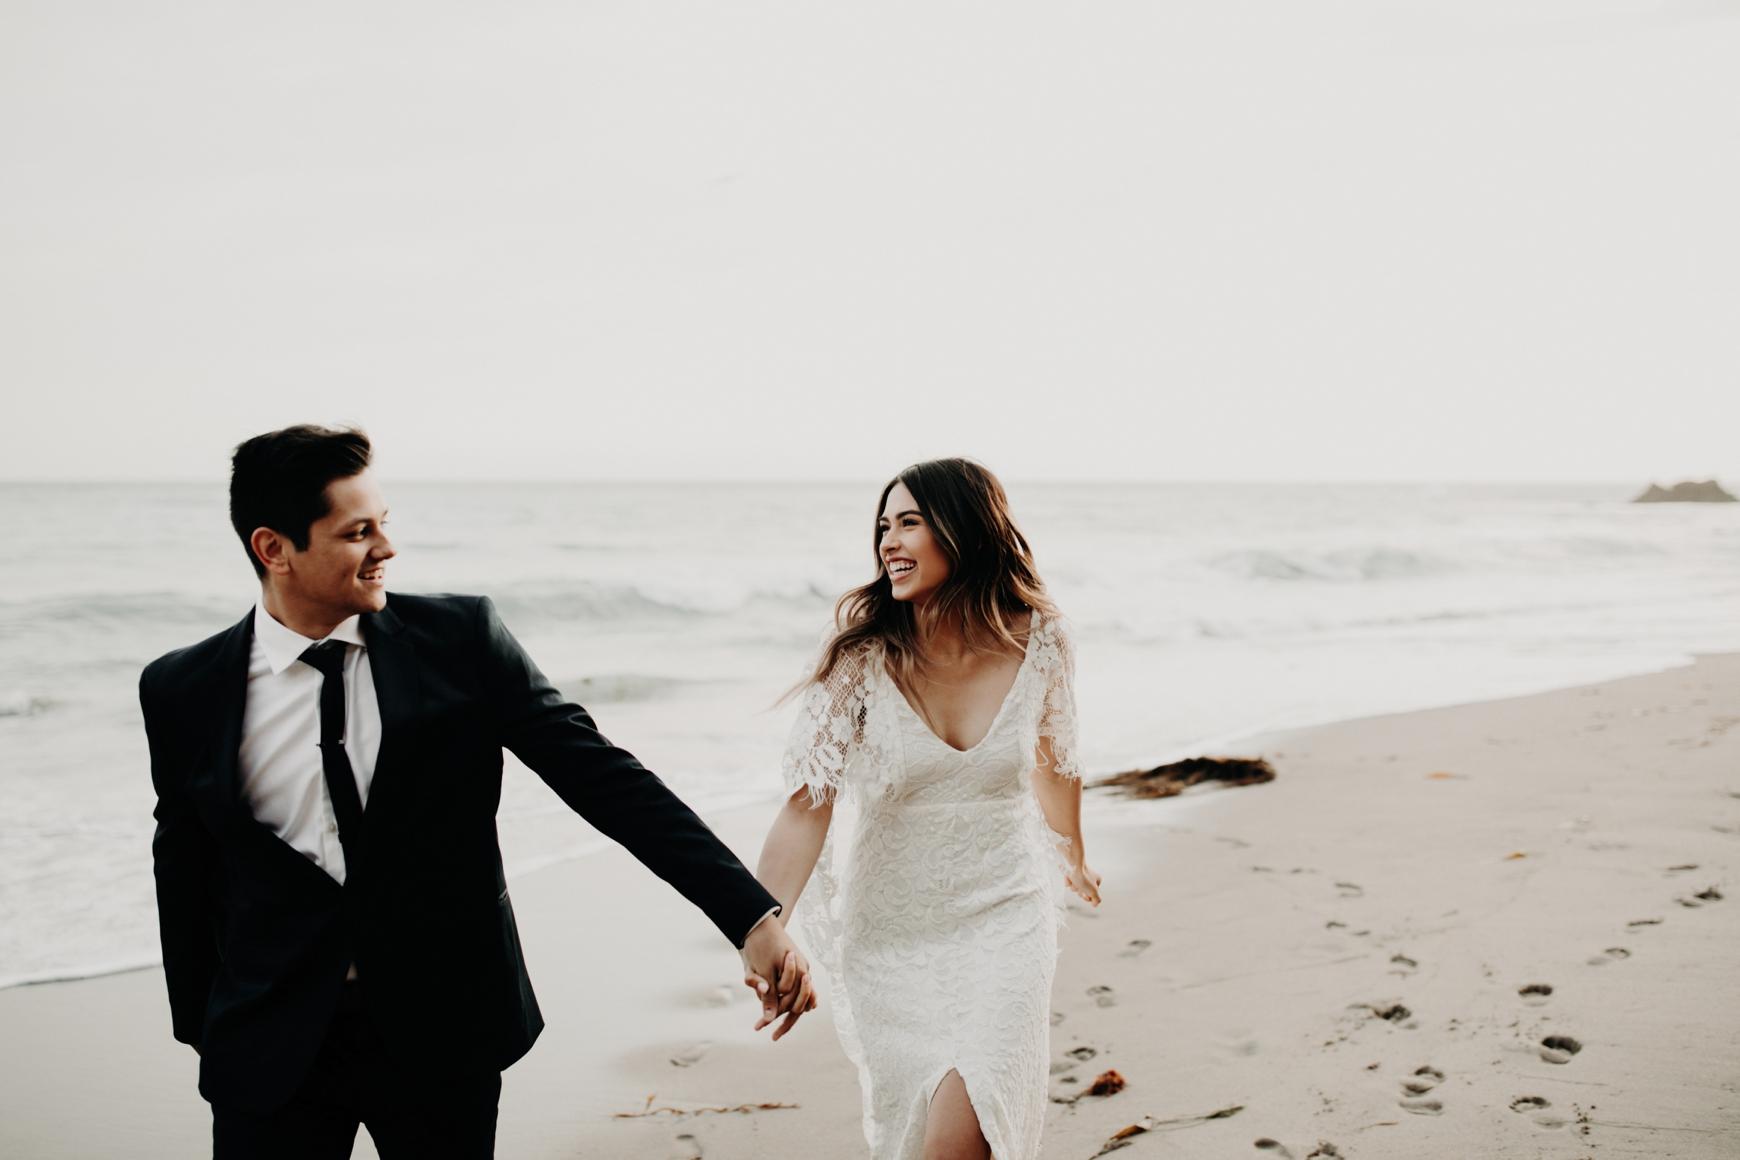 El Matador Beach Bridal Portraits Justellen & TJ Emily Magers Photography-255Emily Magers Photography.jpg